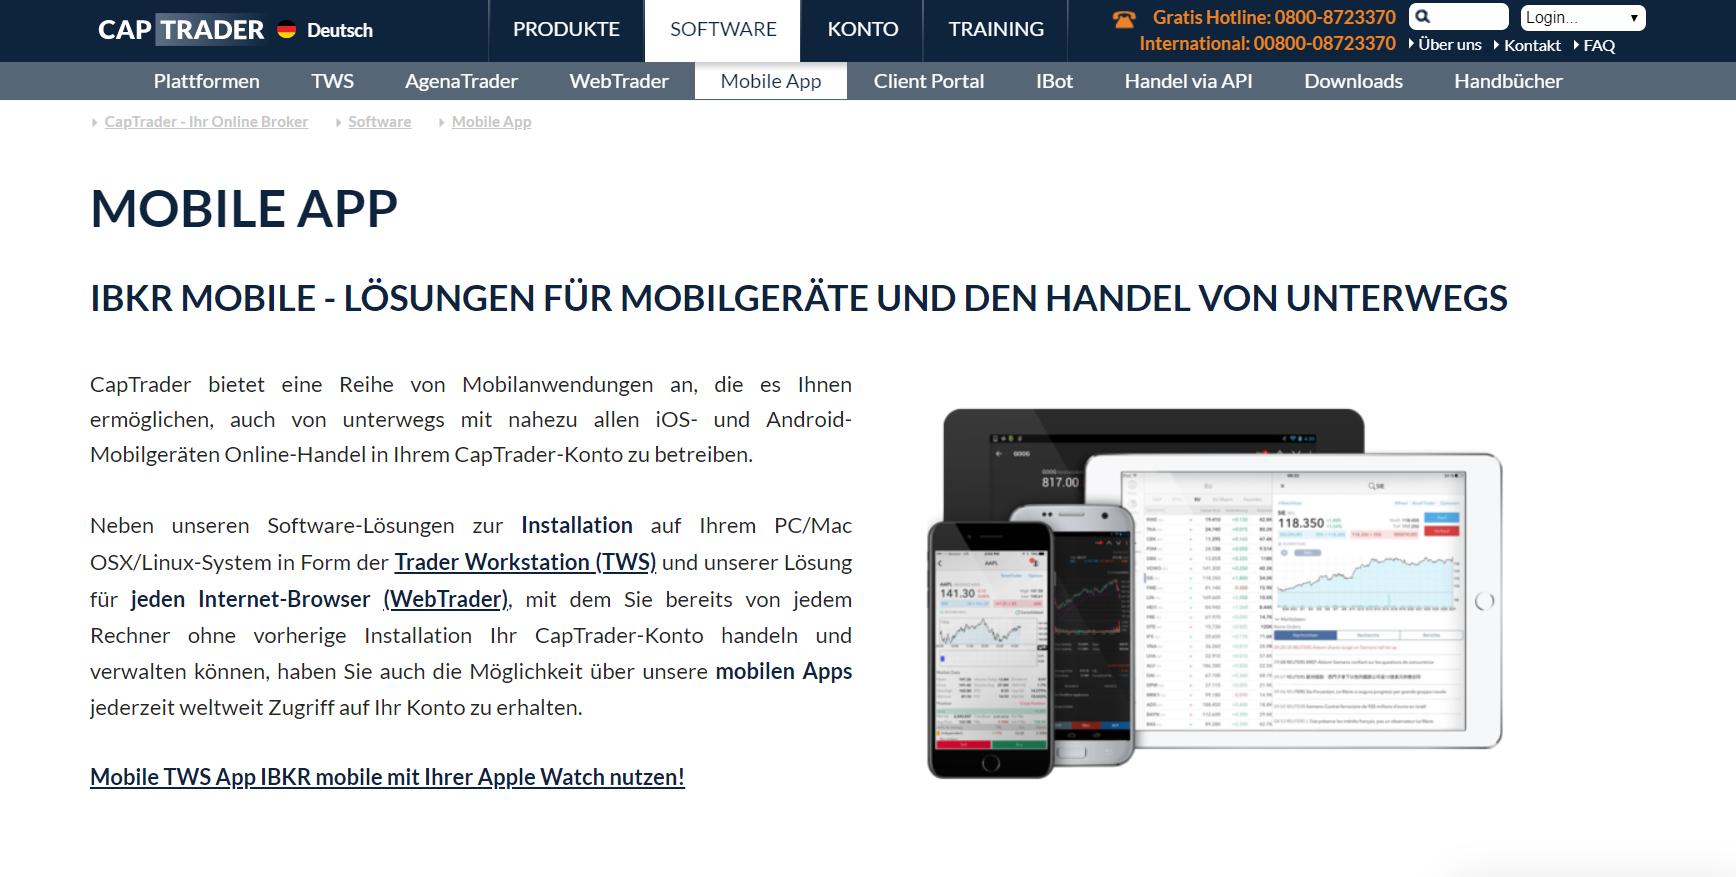 captrader-übersicht-apps-mobile